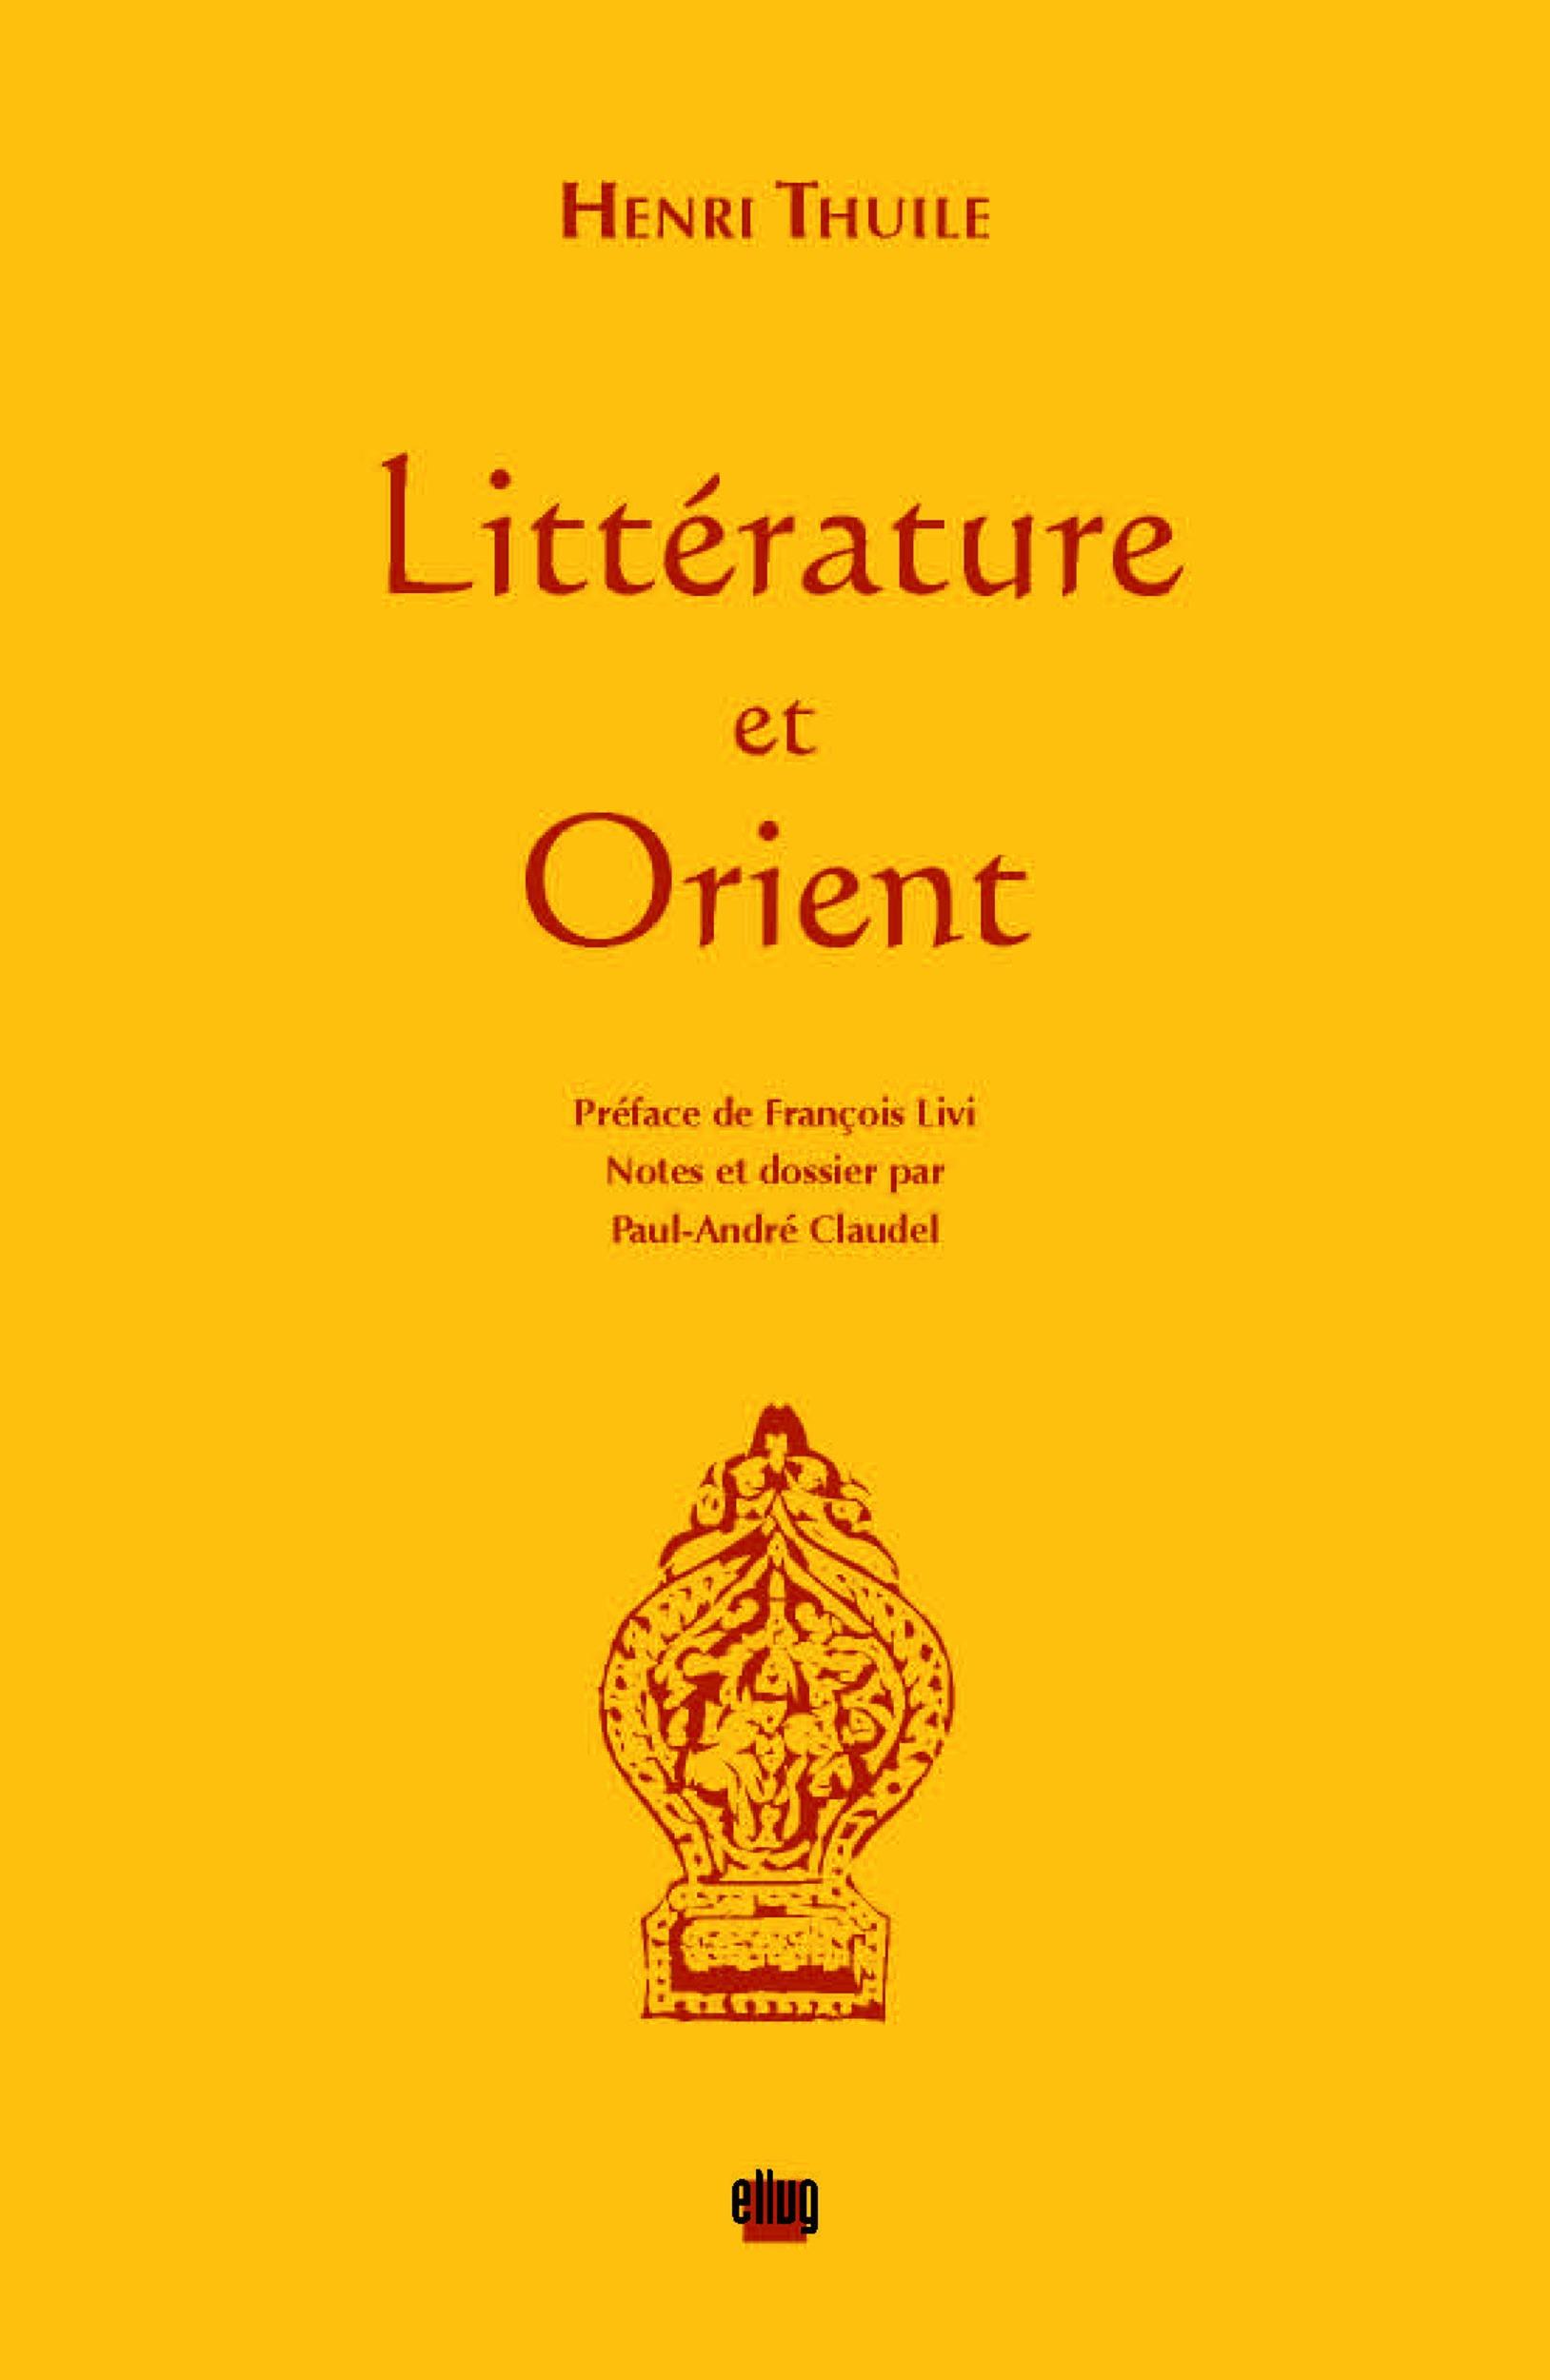 Litterature et orient - preface de francois livi